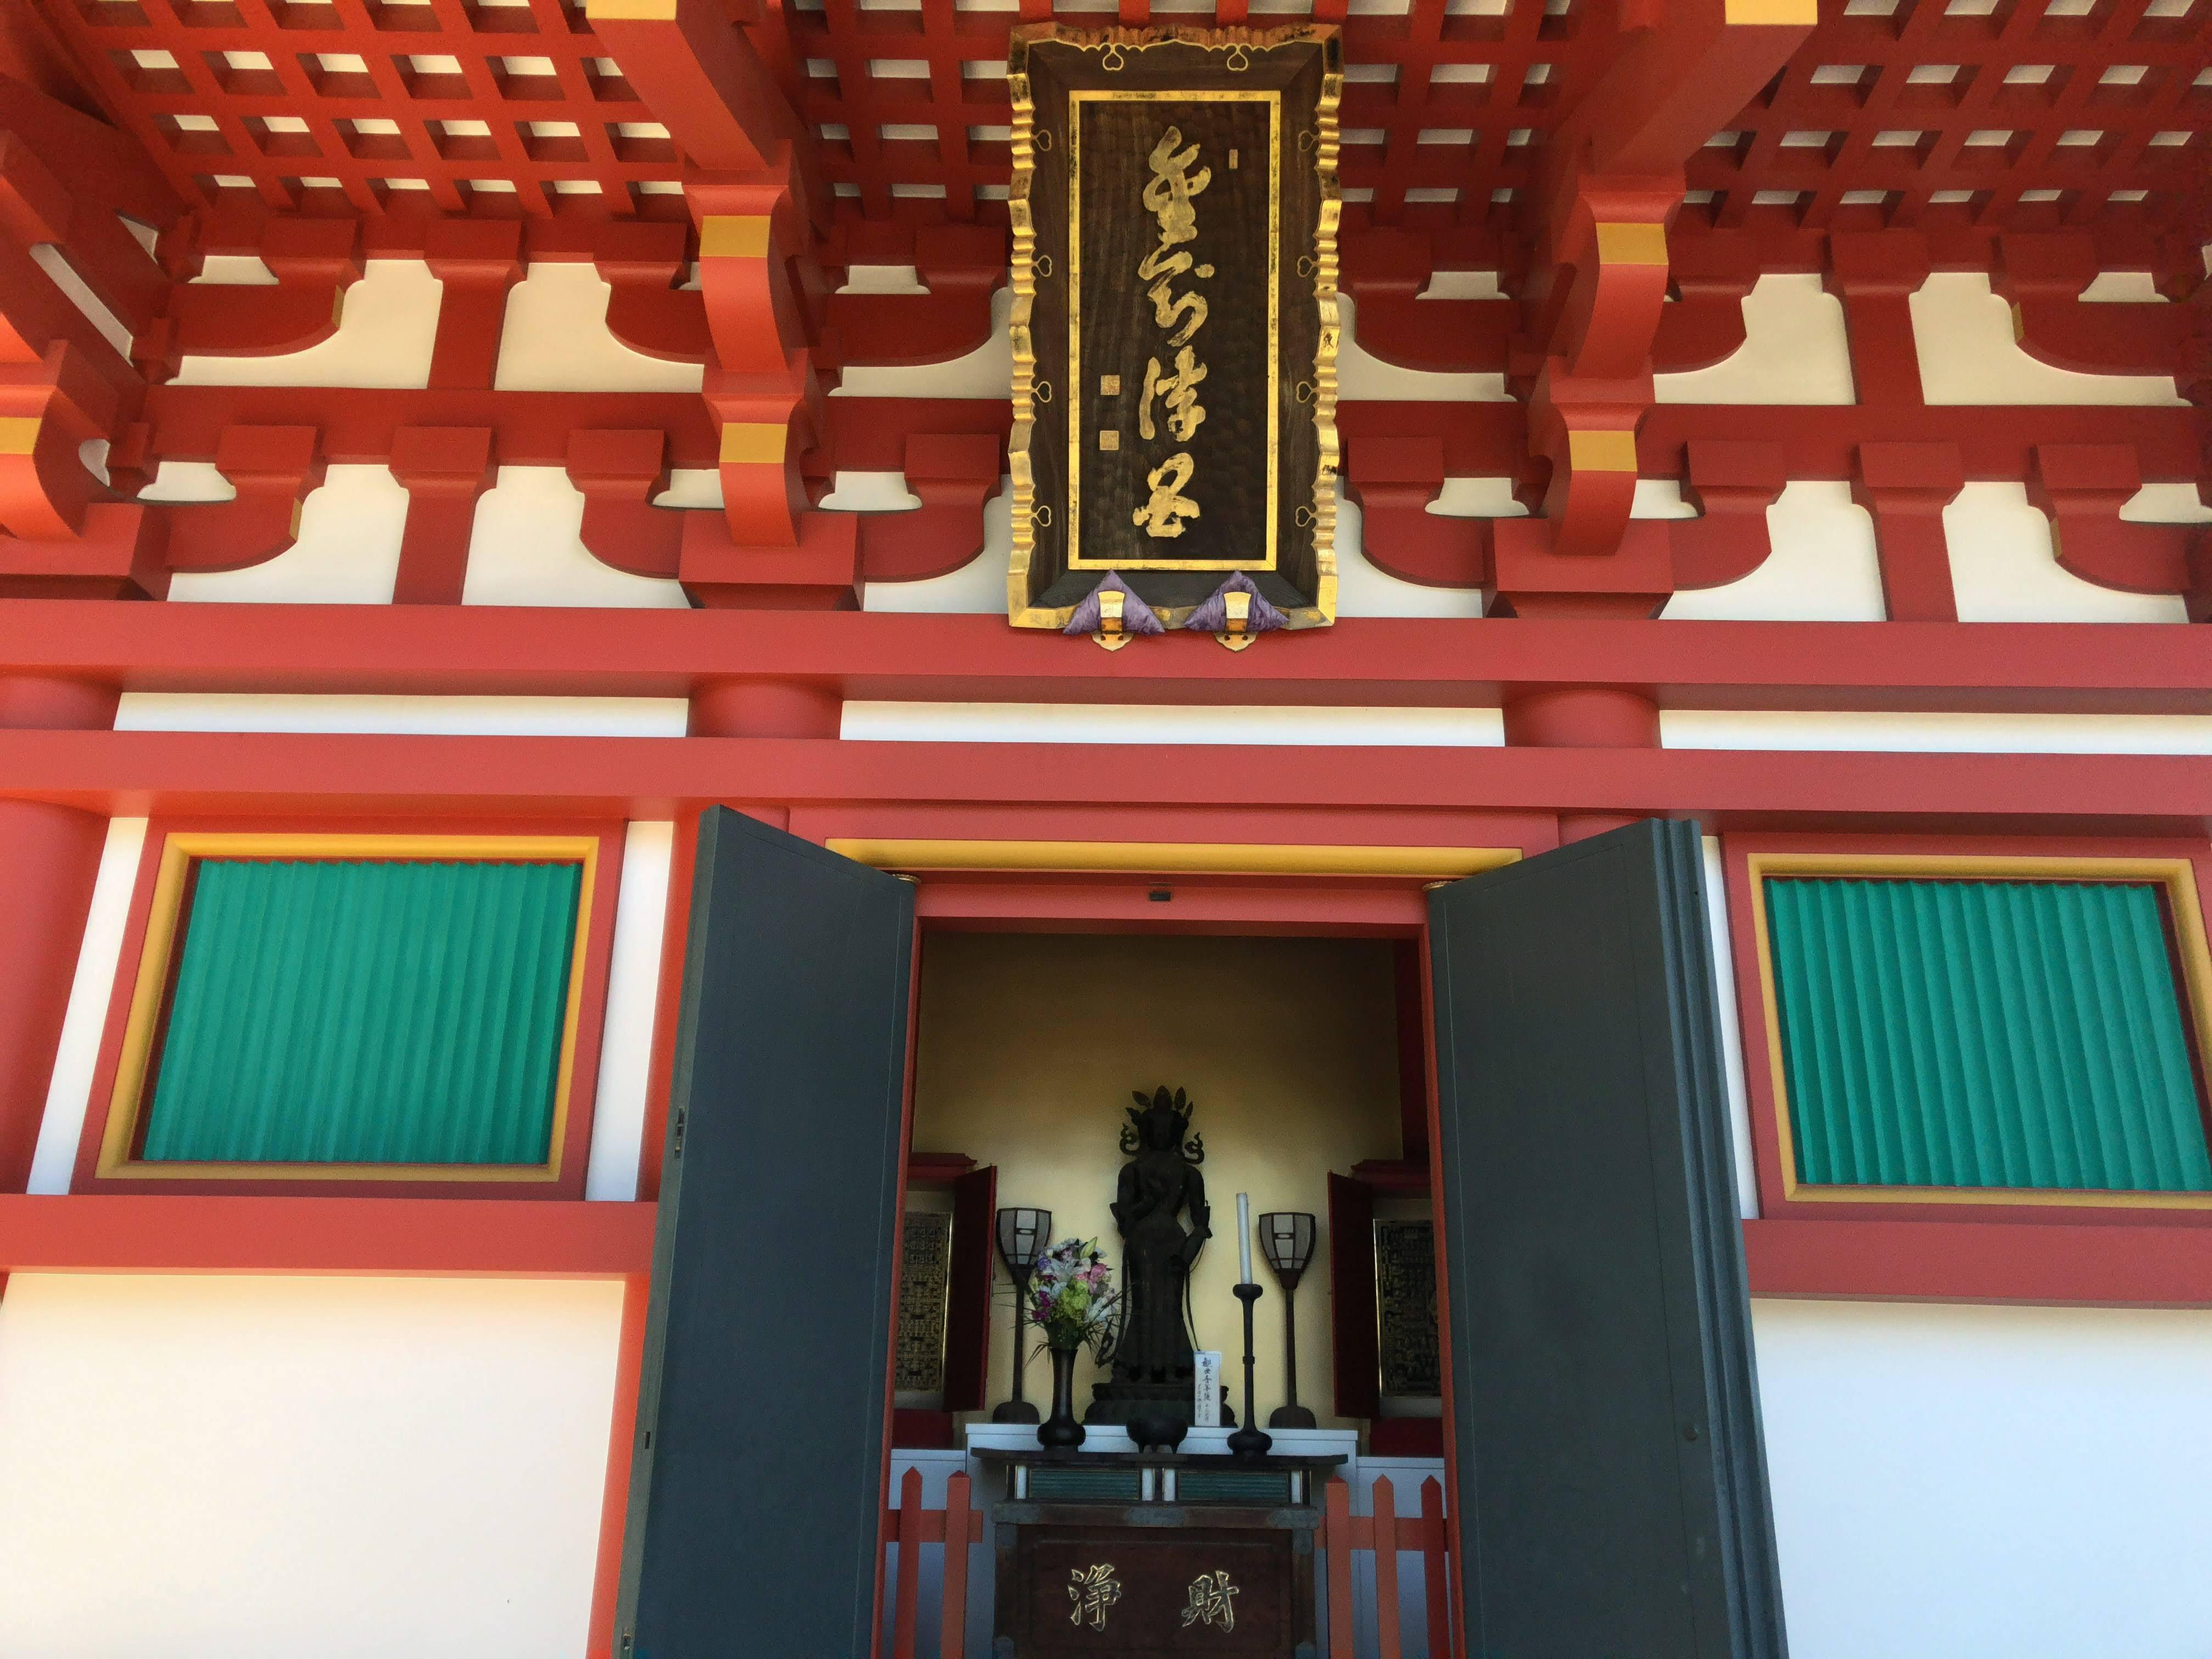 高幡不動尊「五重塔」観音菩薩像